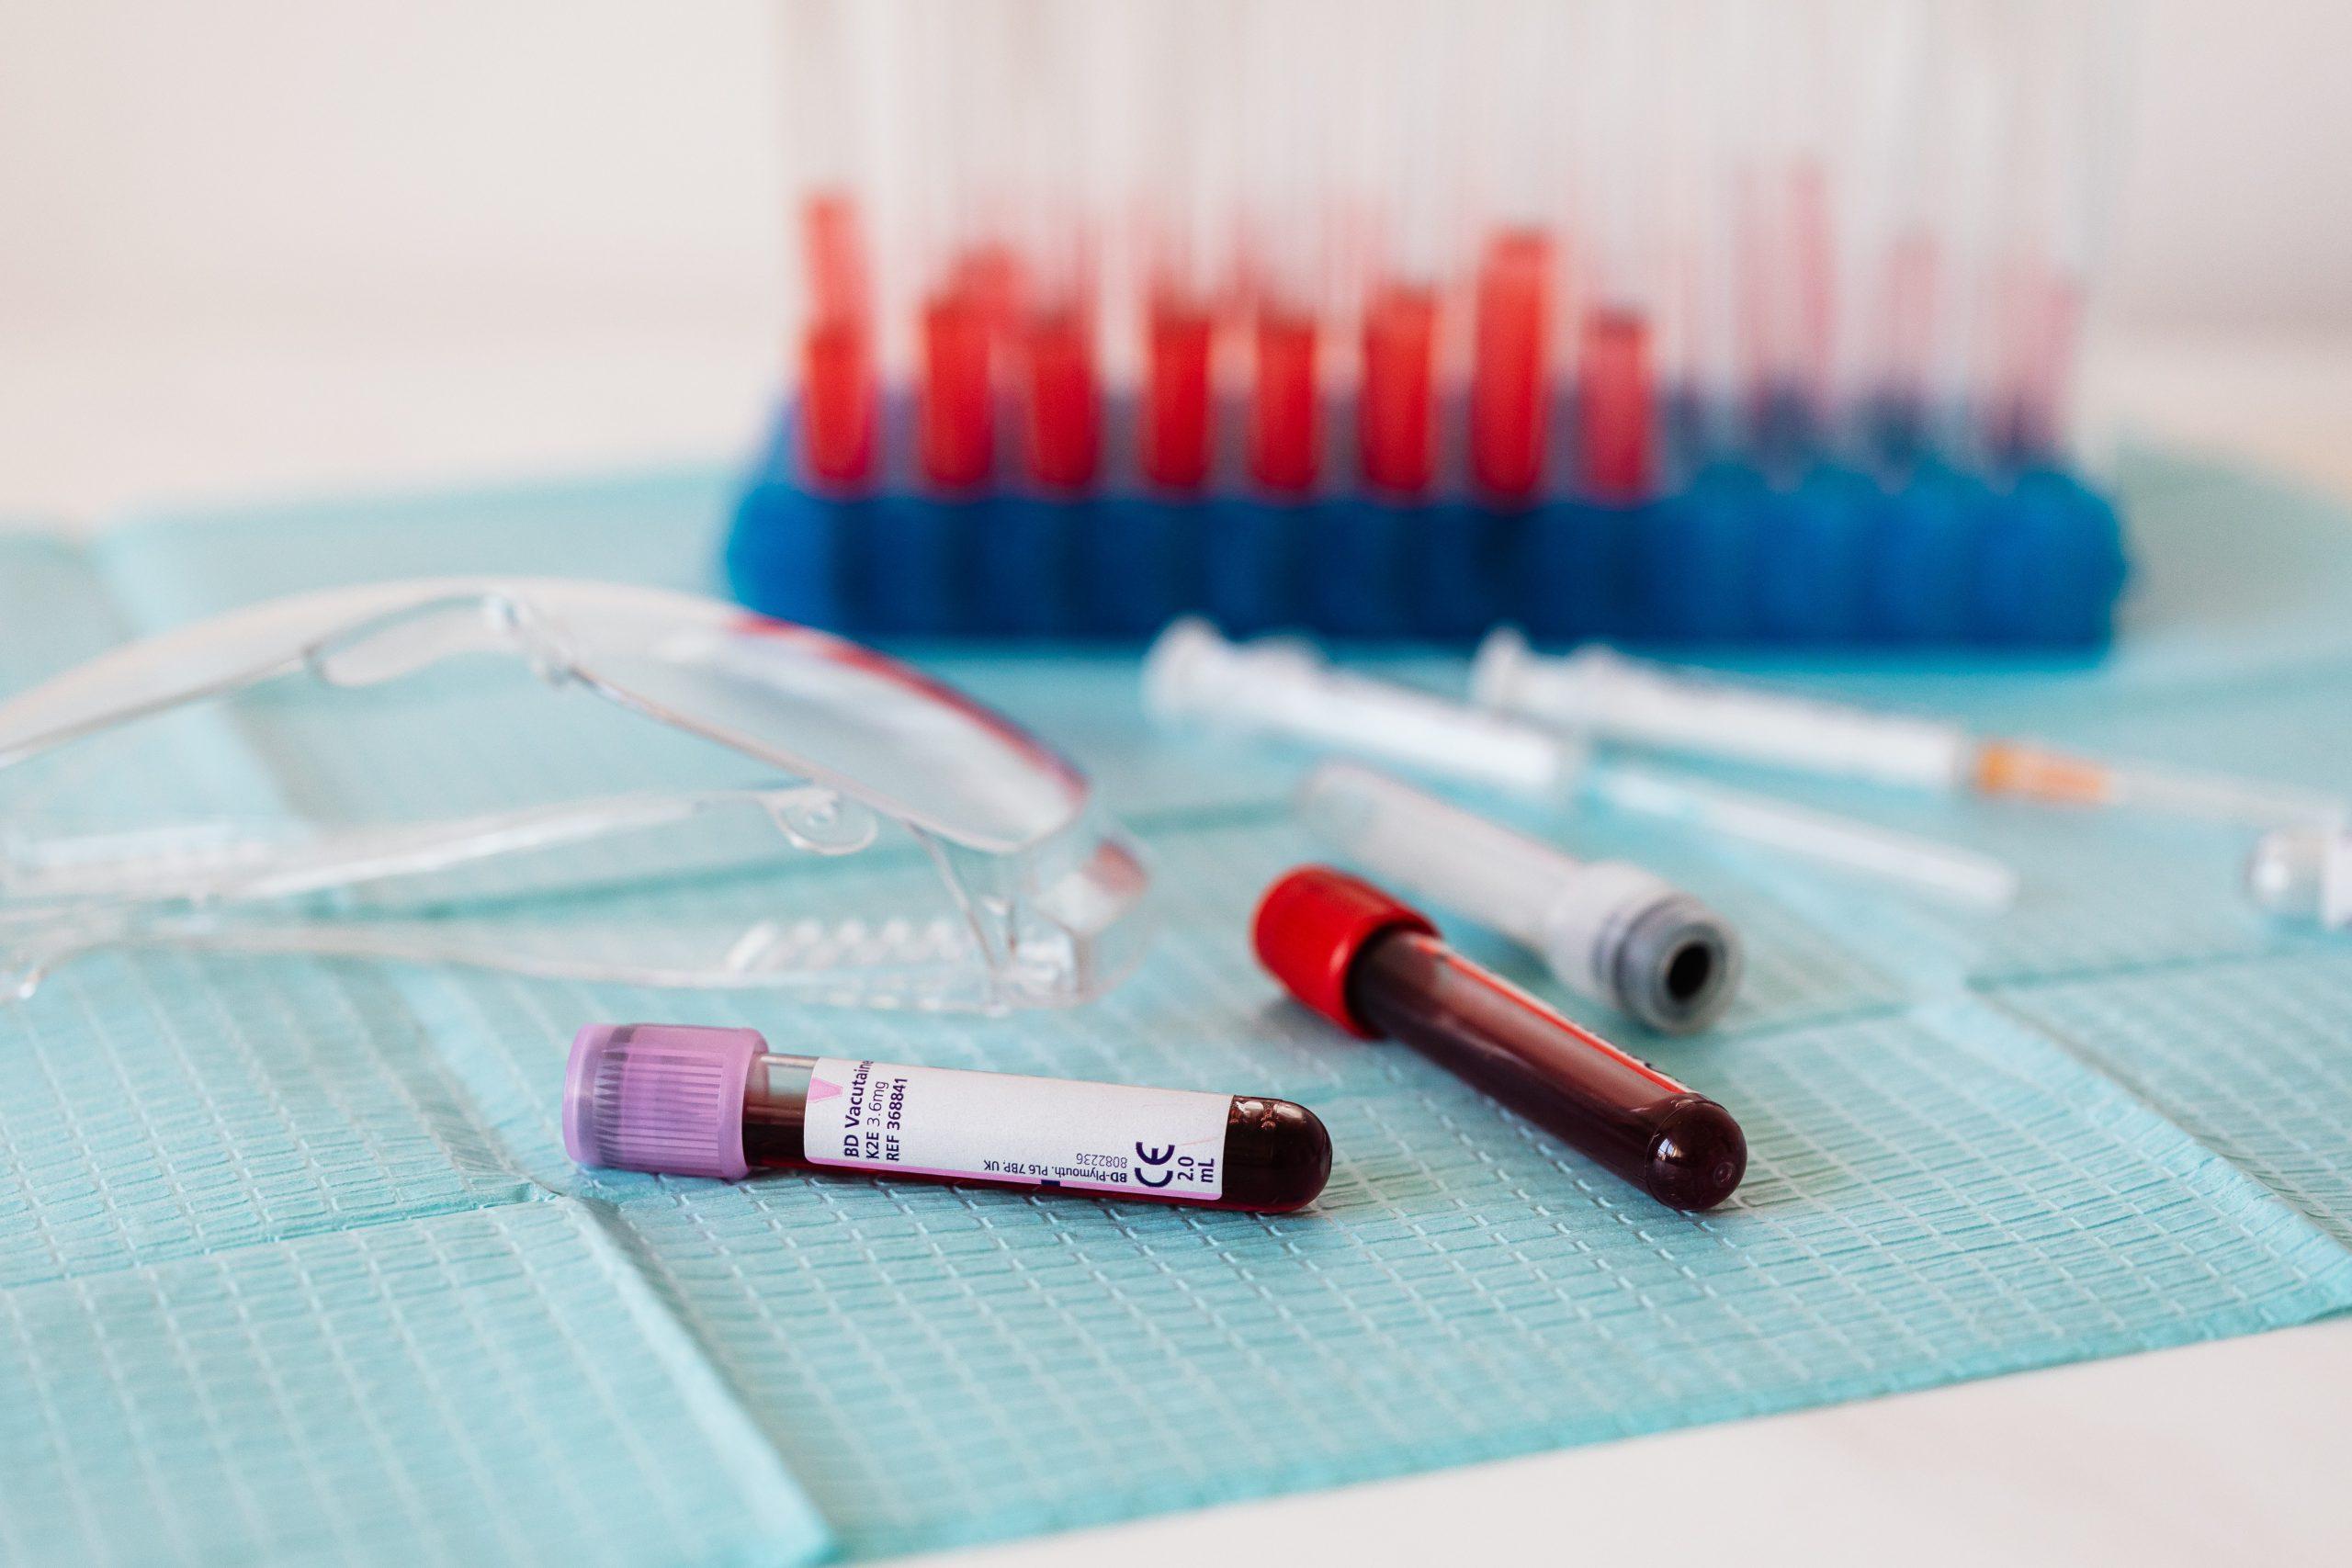 Собянин выделил почти 700 млн рублей на заготовку плазмы для лечения коронавируса